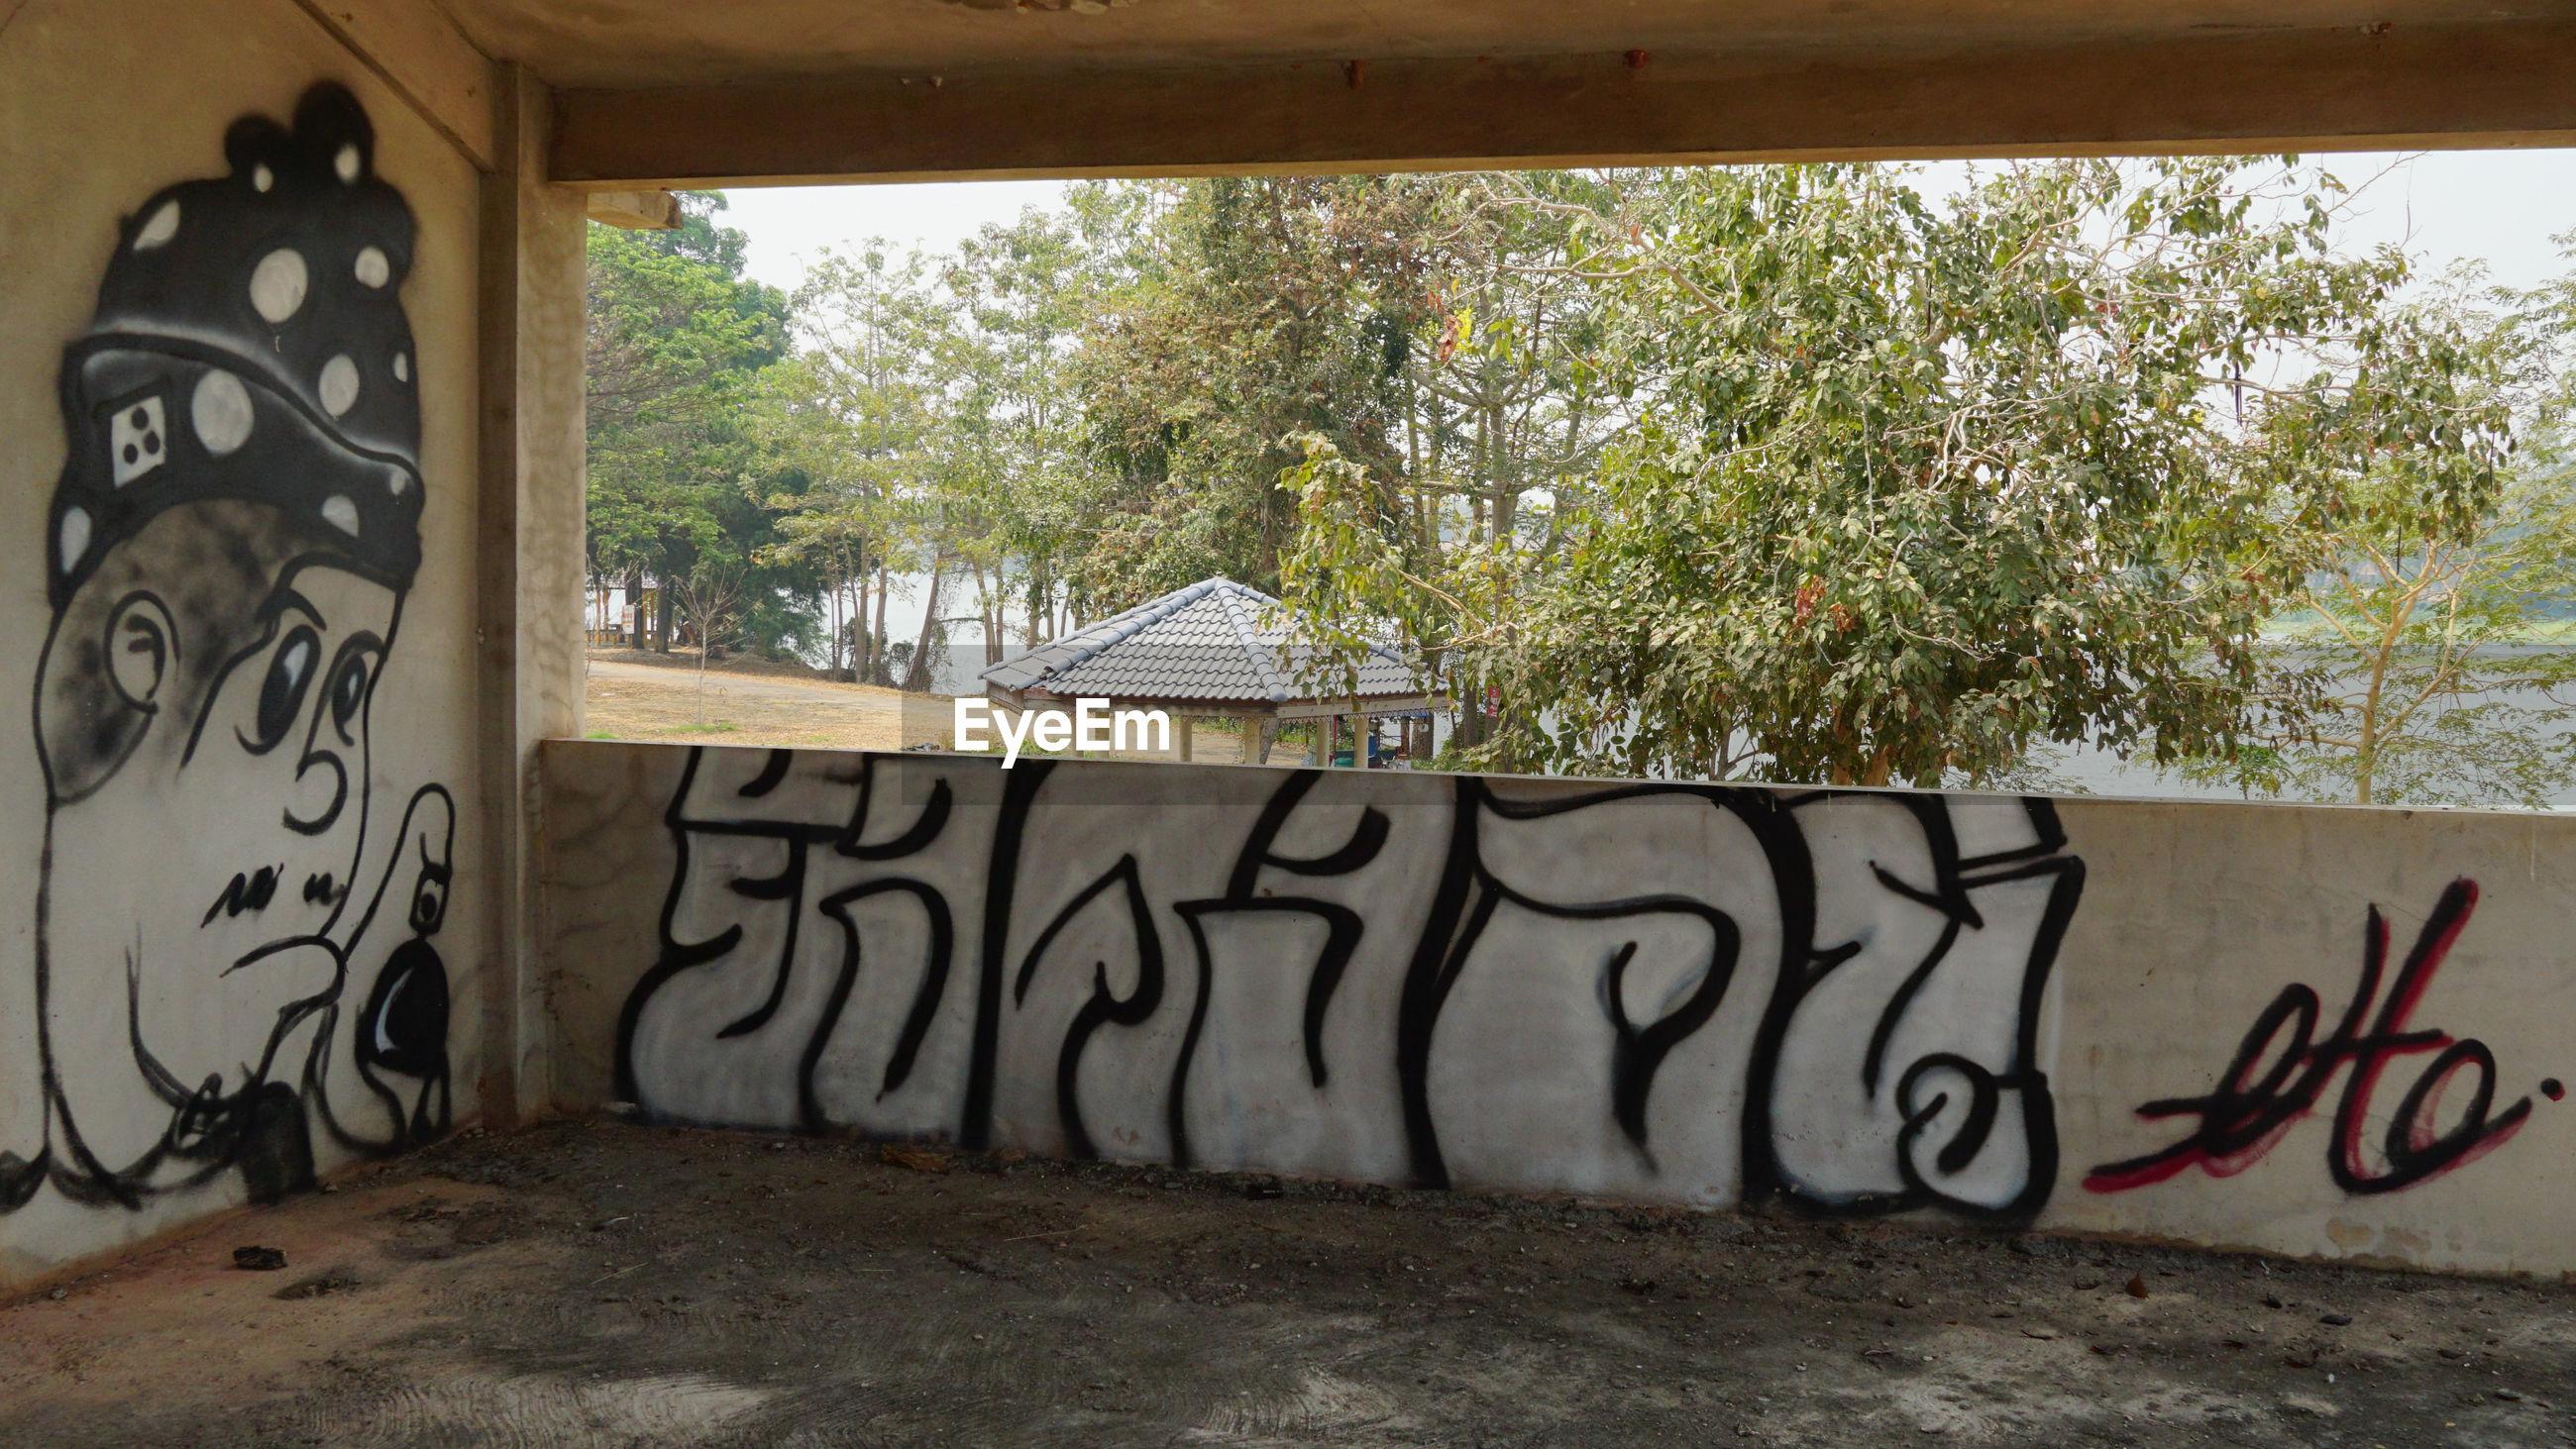 GRAFFITI ON WALL BY WINDOW